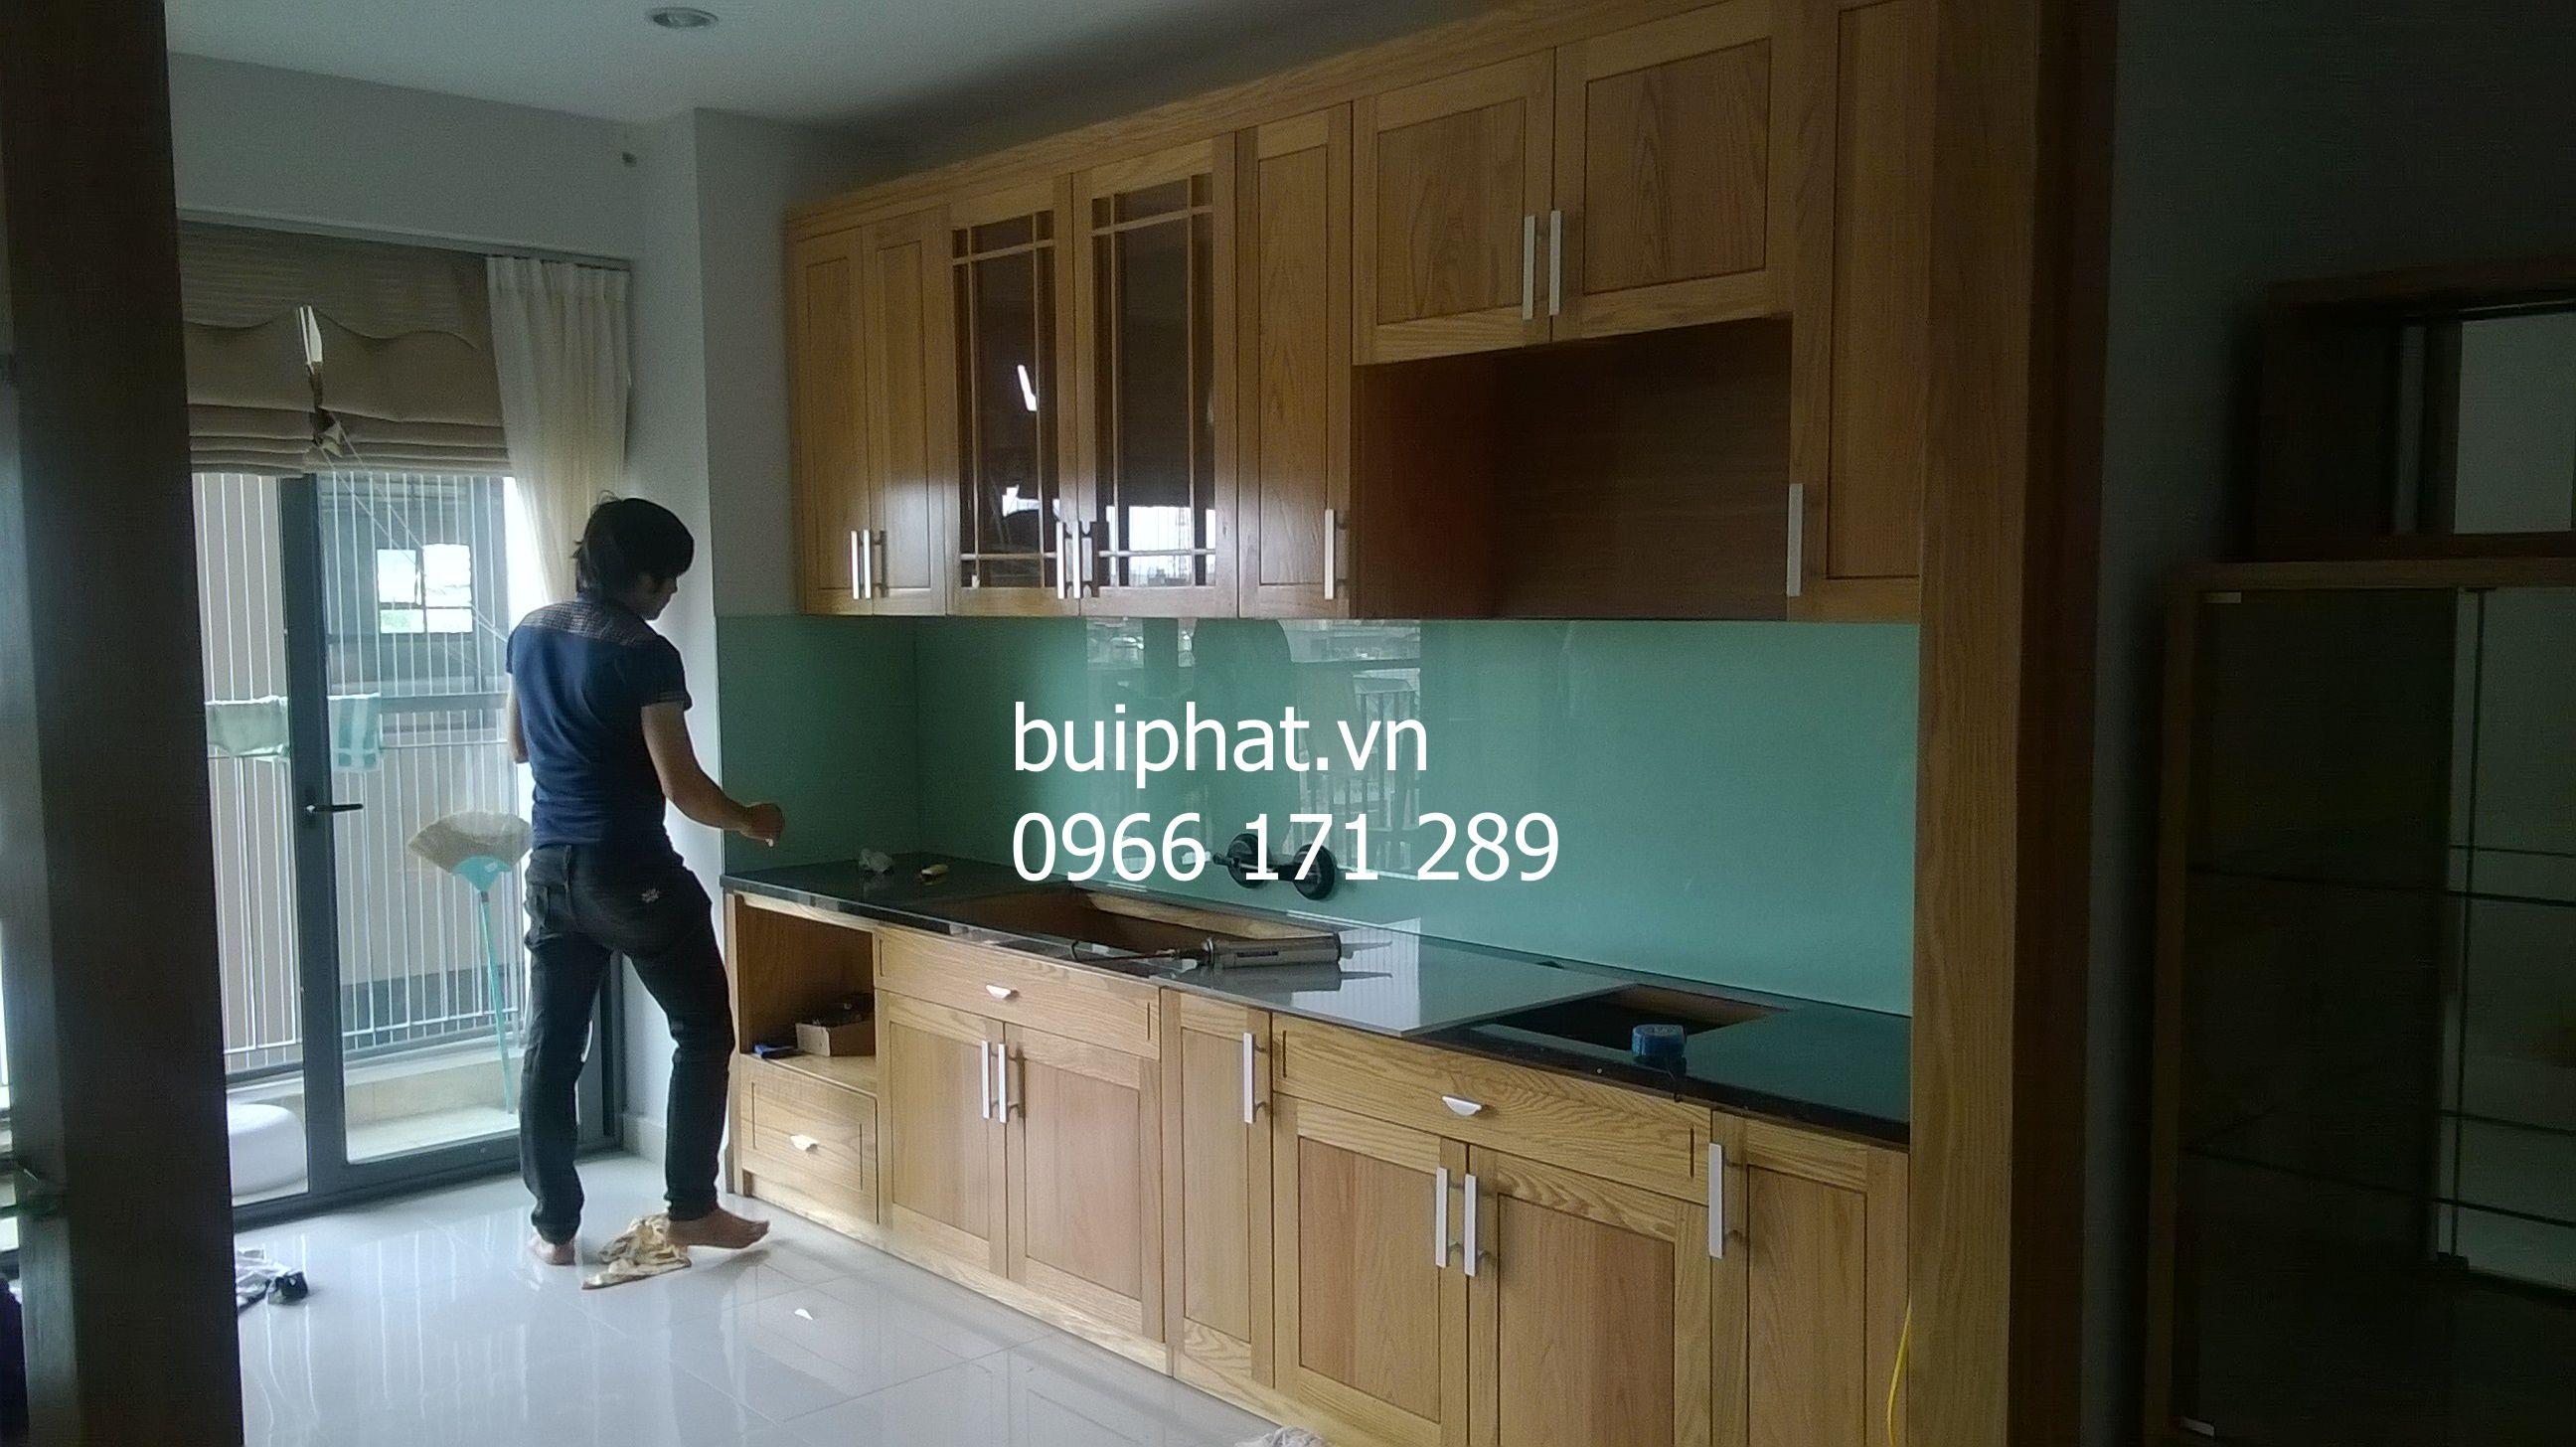 Kính ốp bếp/ thi công kính ốp bếp nhà anh Tùng Linh Đàm